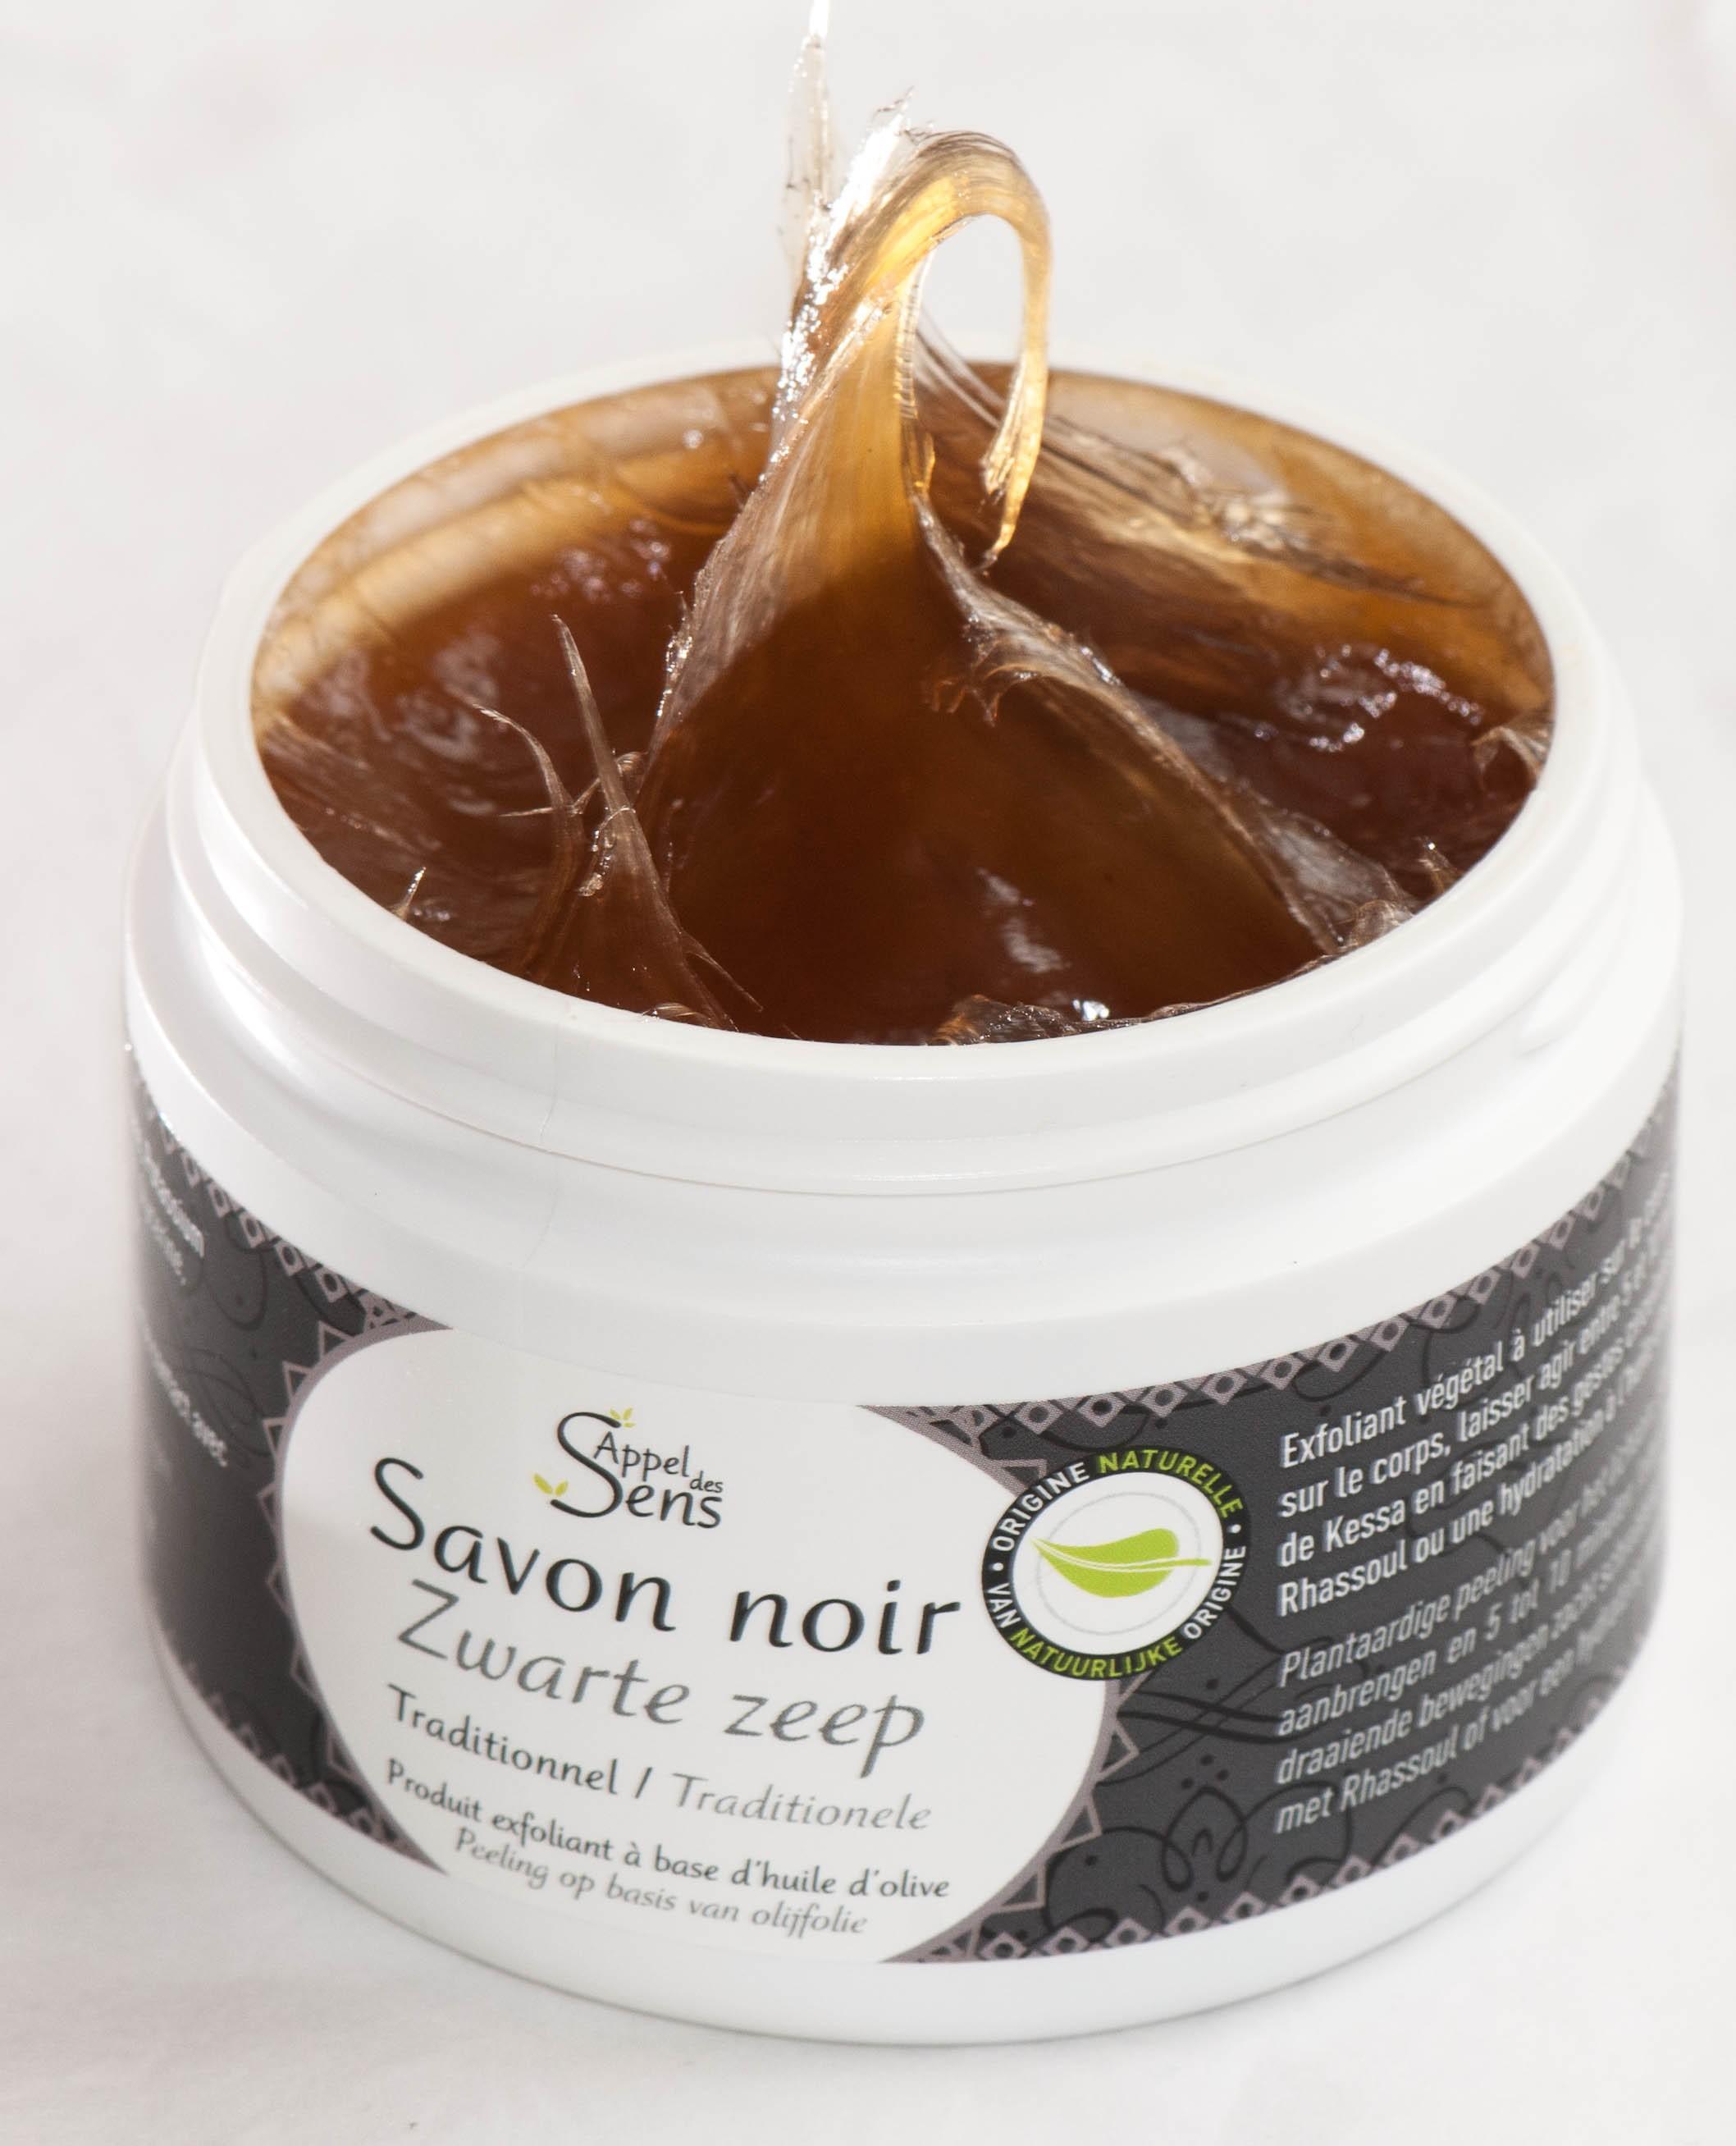 appel_des_sens_savon_noir_traditionnel_ouvert-2